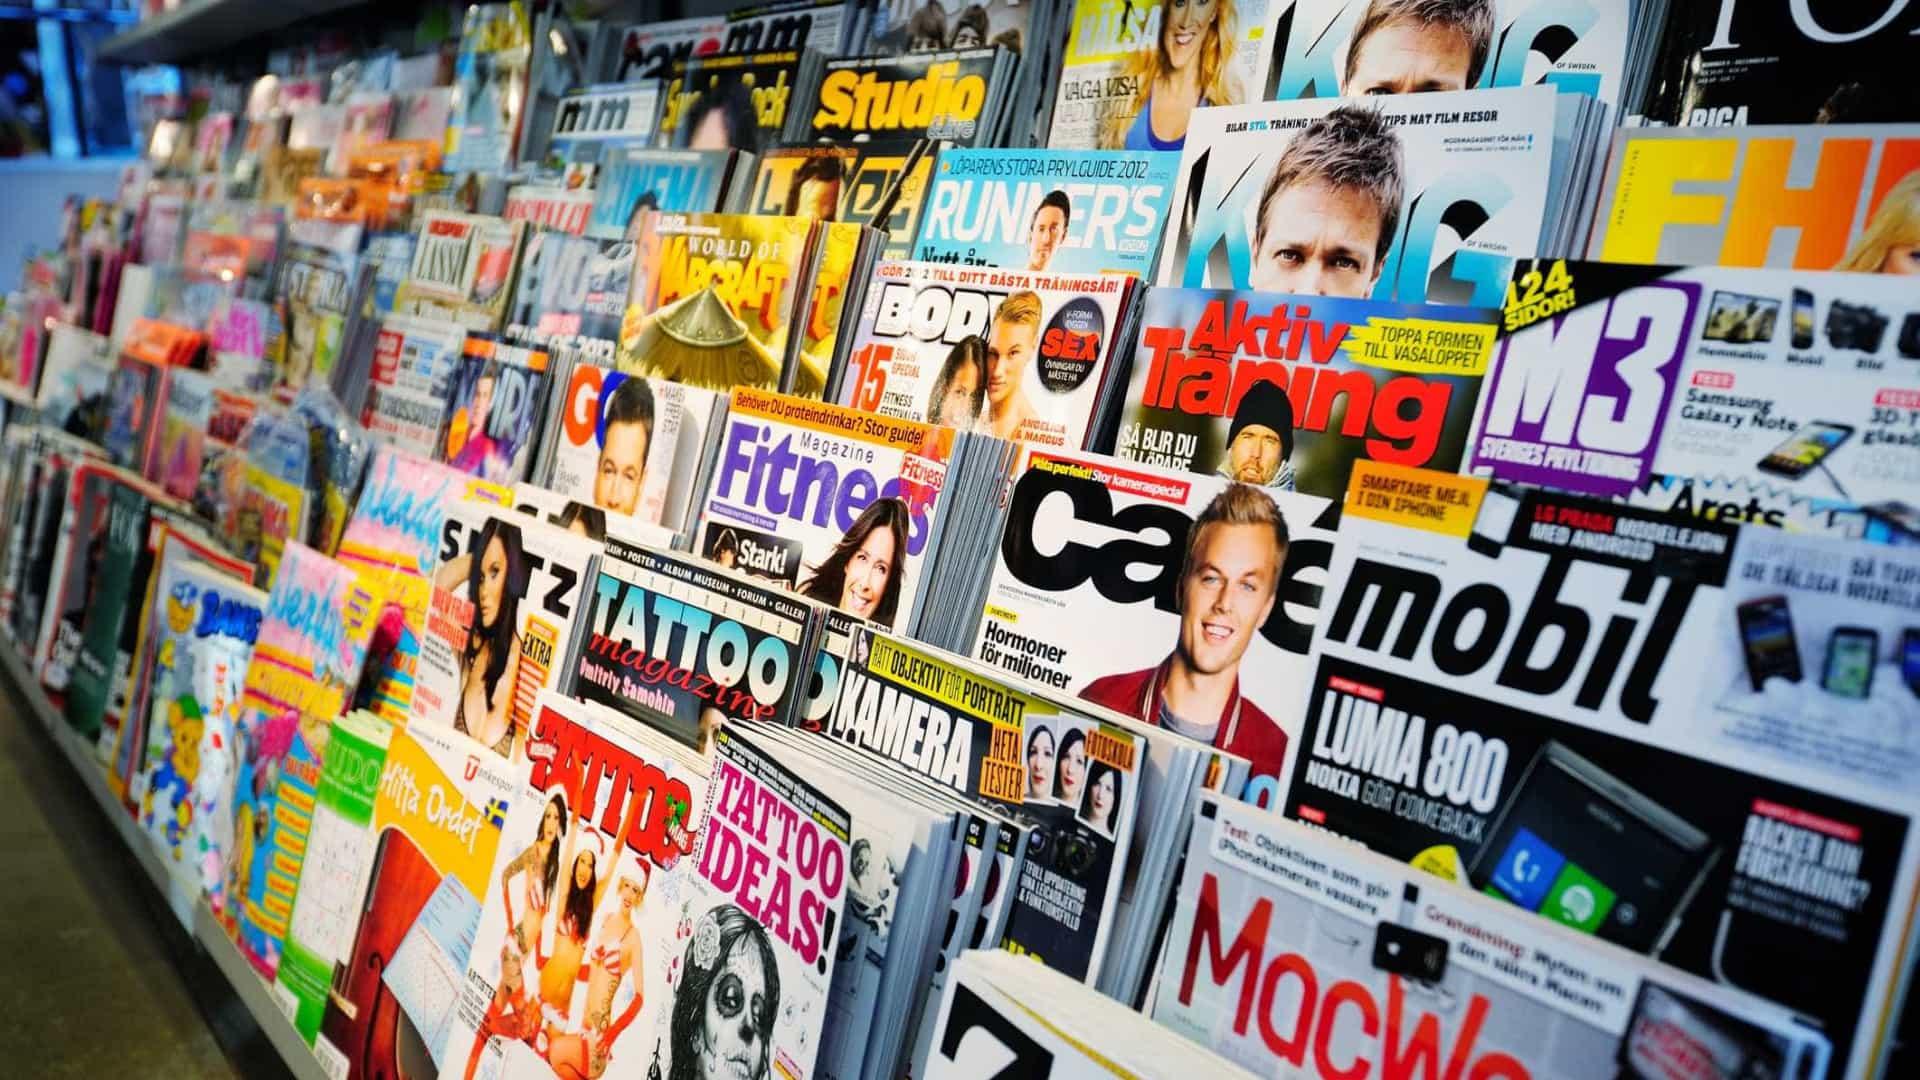 Assessoria de imprensa: a mídia impressa está acabando?